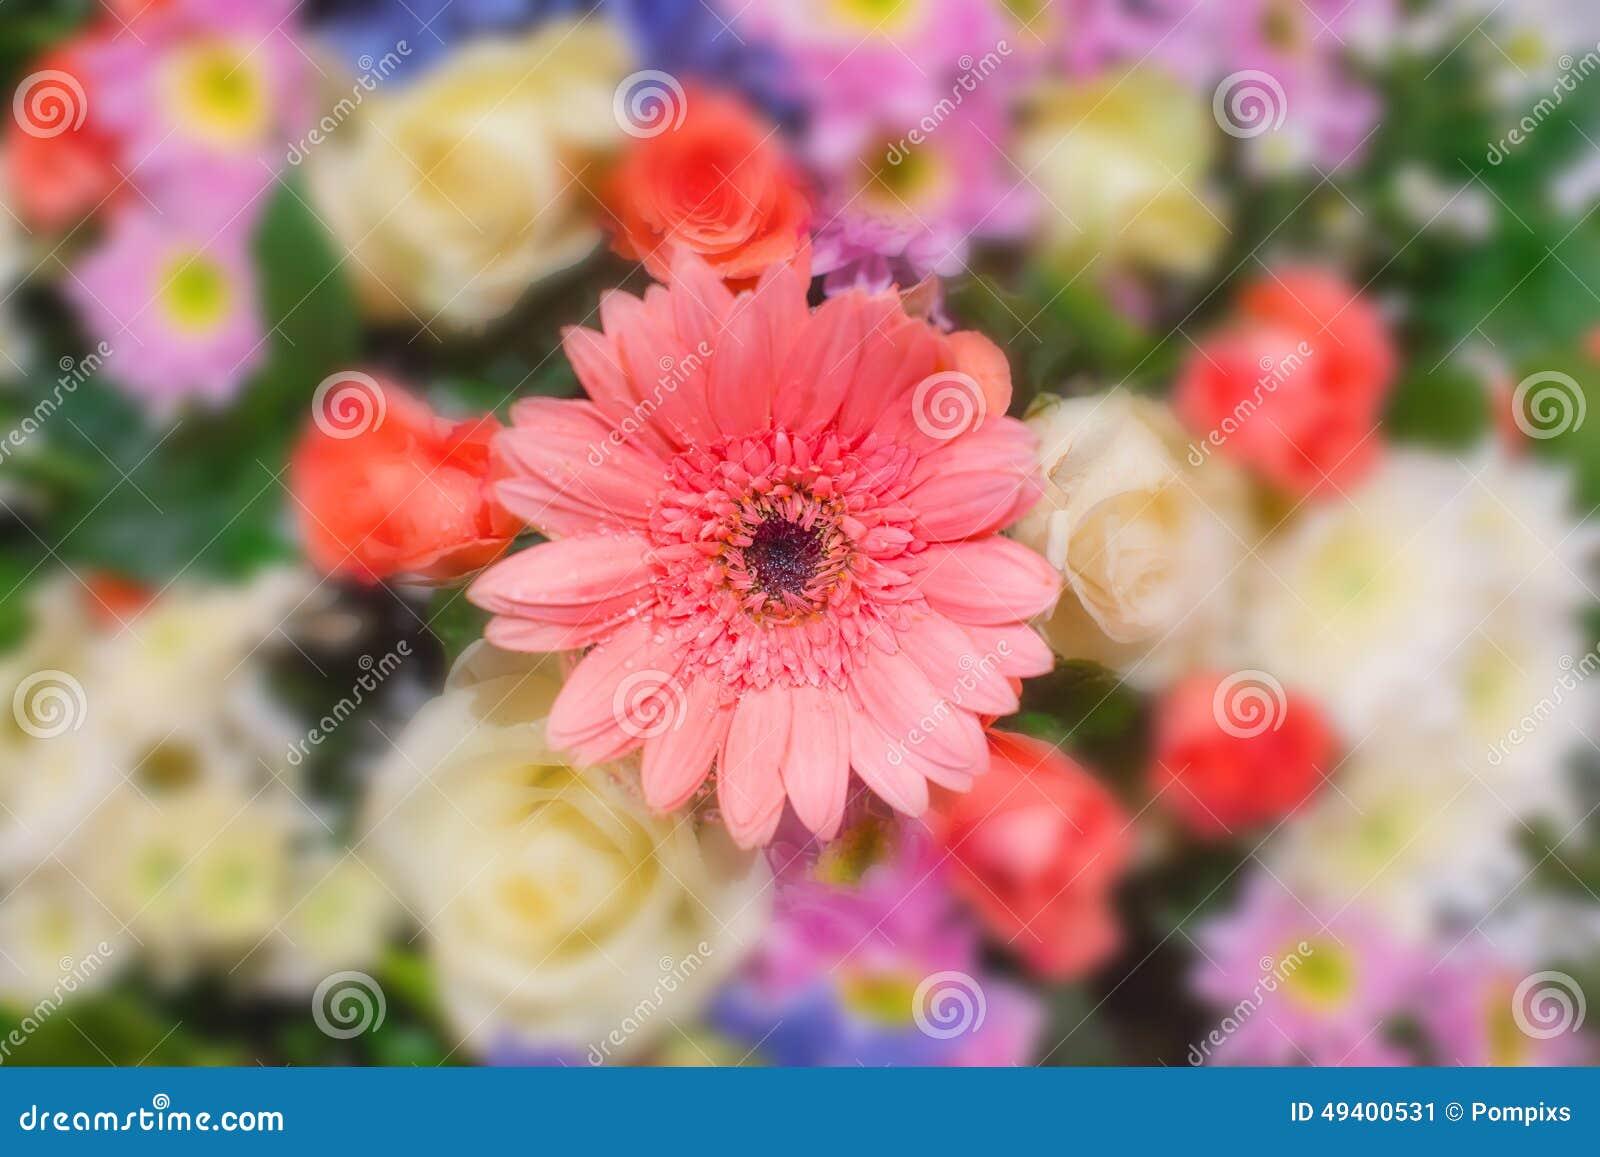 Download Hintergrund Der Schönen Blume Stockbild - Bild von groom, katholisch: 49400531